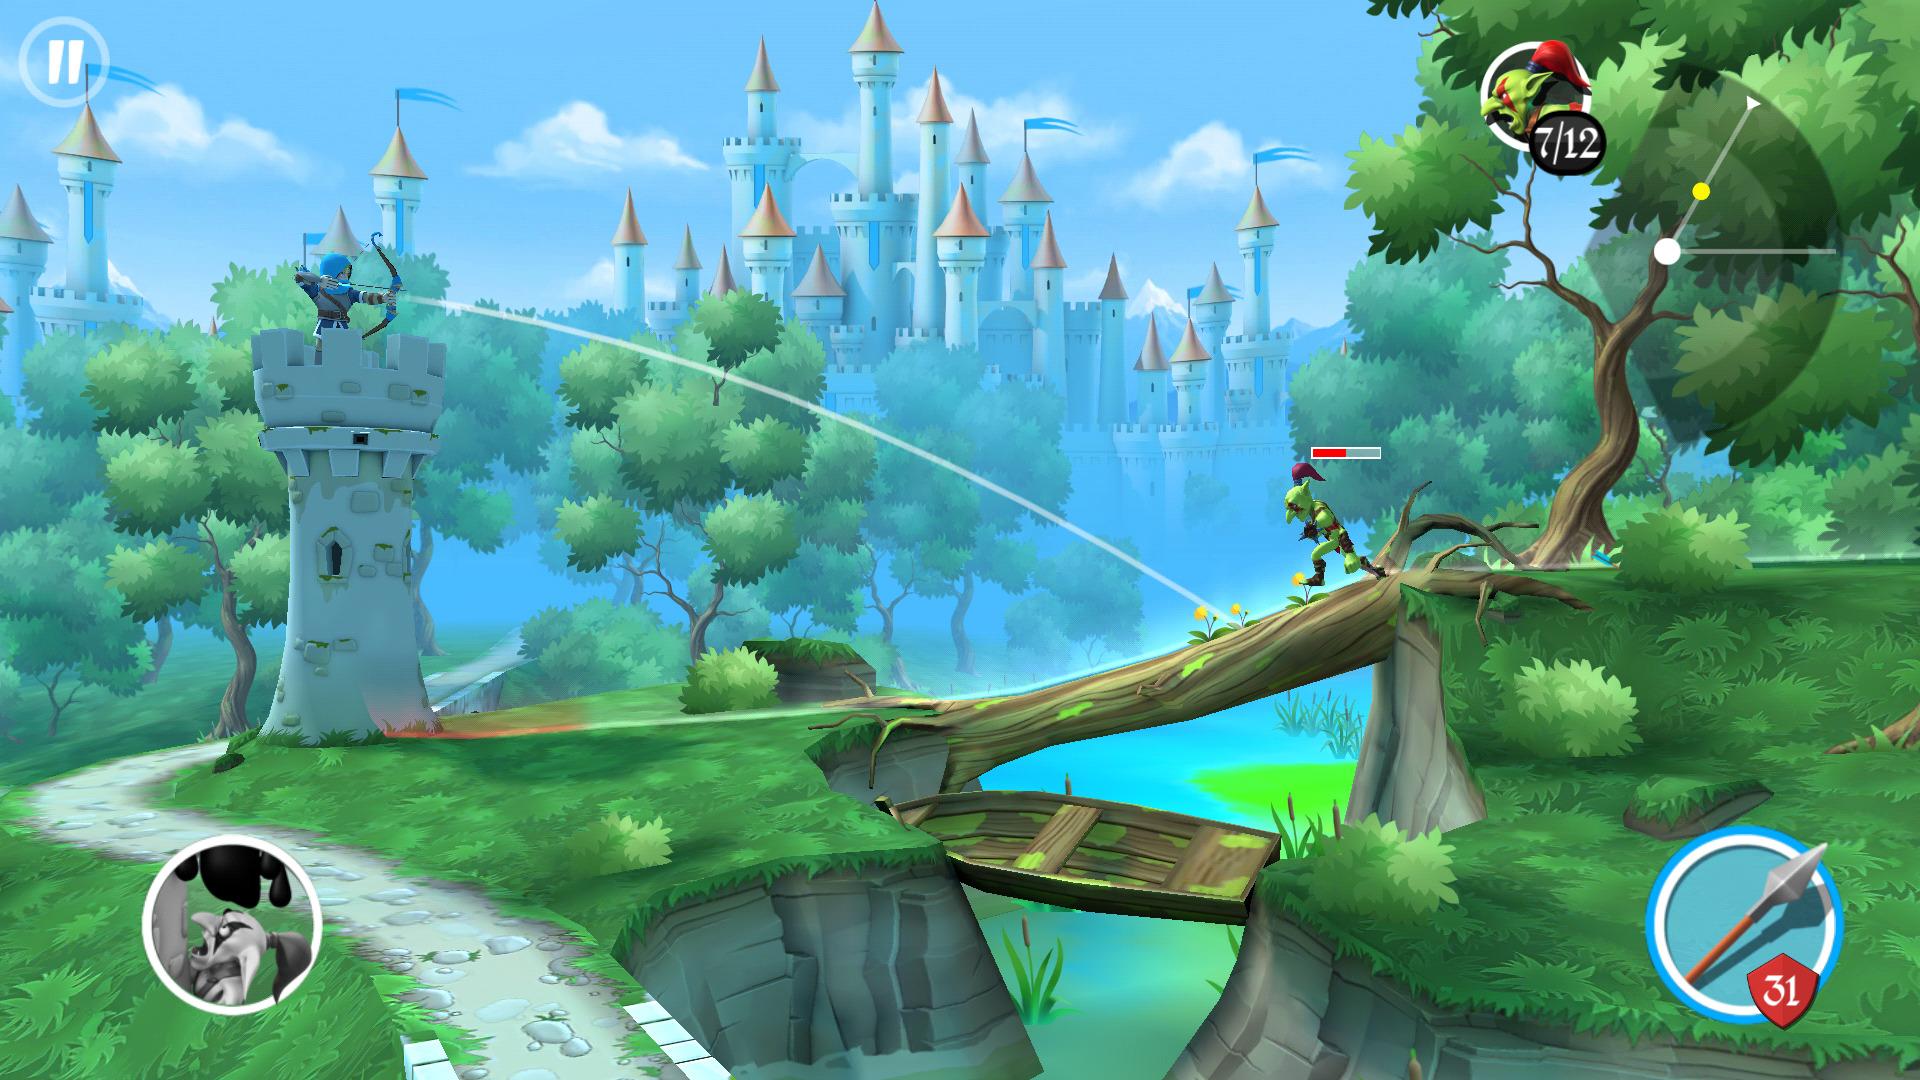 Иллюстрация на тему Tiny Archers: скачать игру на Андроид бесплатно и без кодов